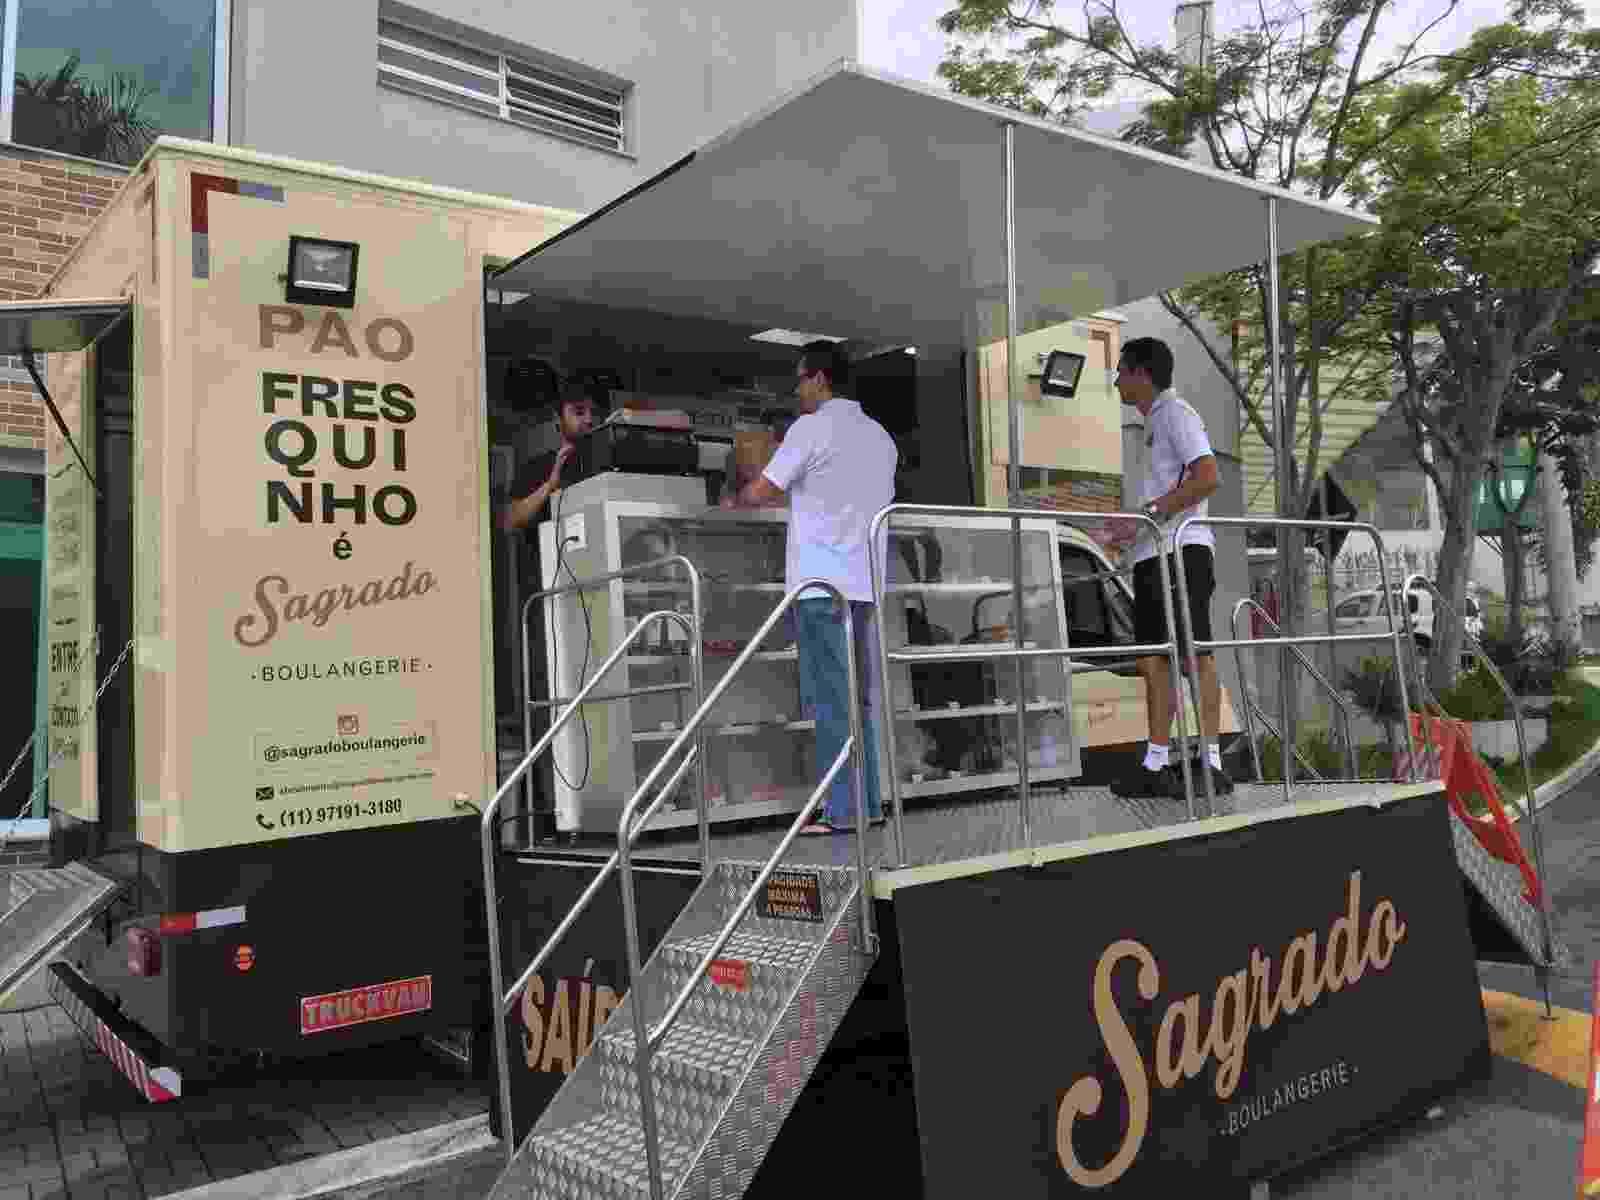 Padaria móvel da Sagrado Boulangerie, que atende a região de Alphaville, em São Paulo - Divulgação